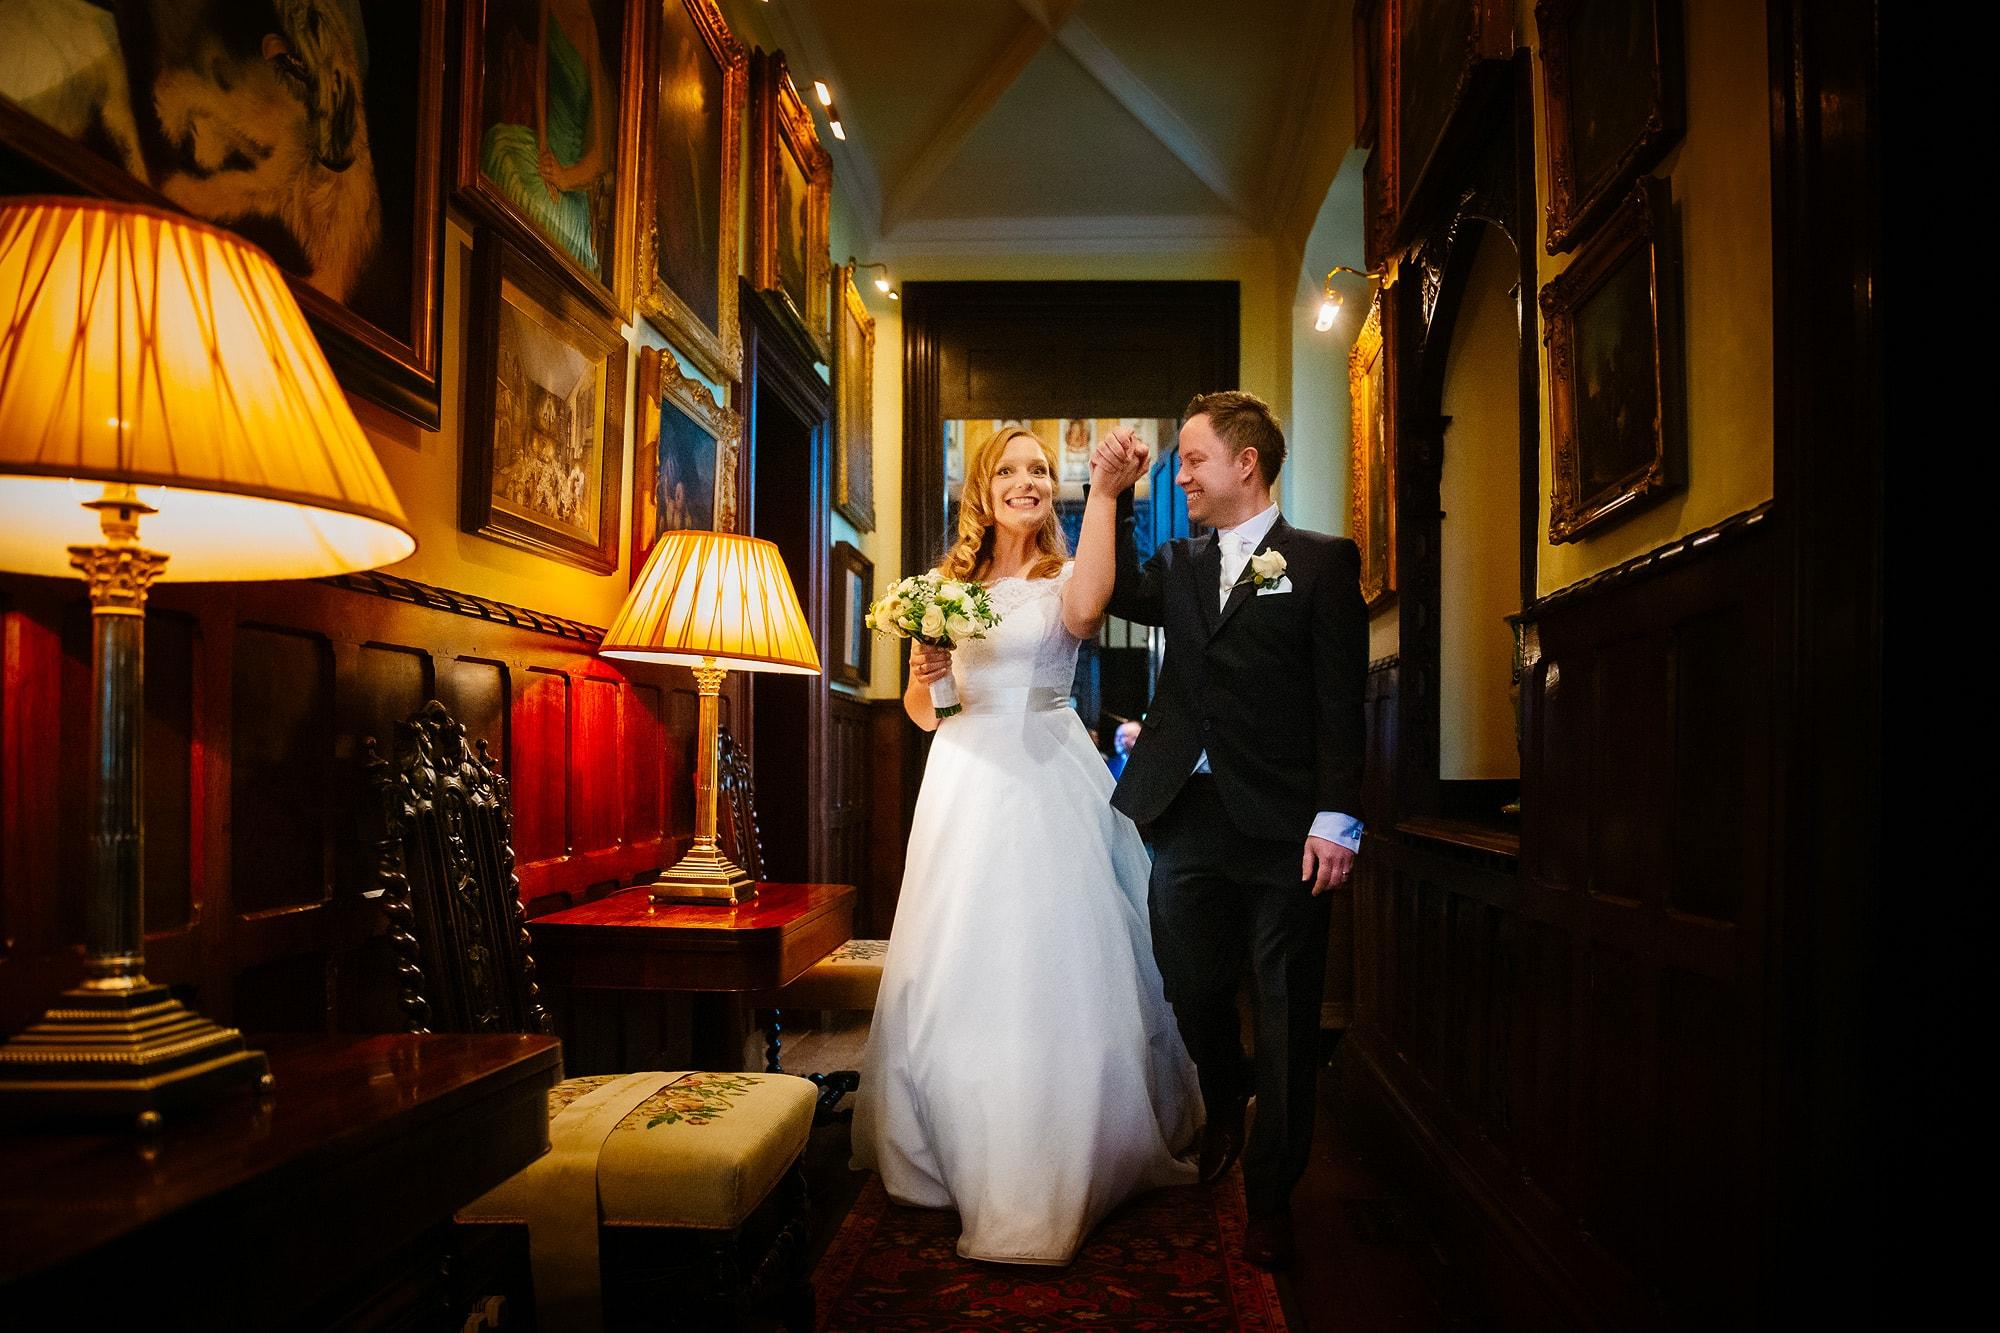 Loseley wedding photos of Fiona & Martin